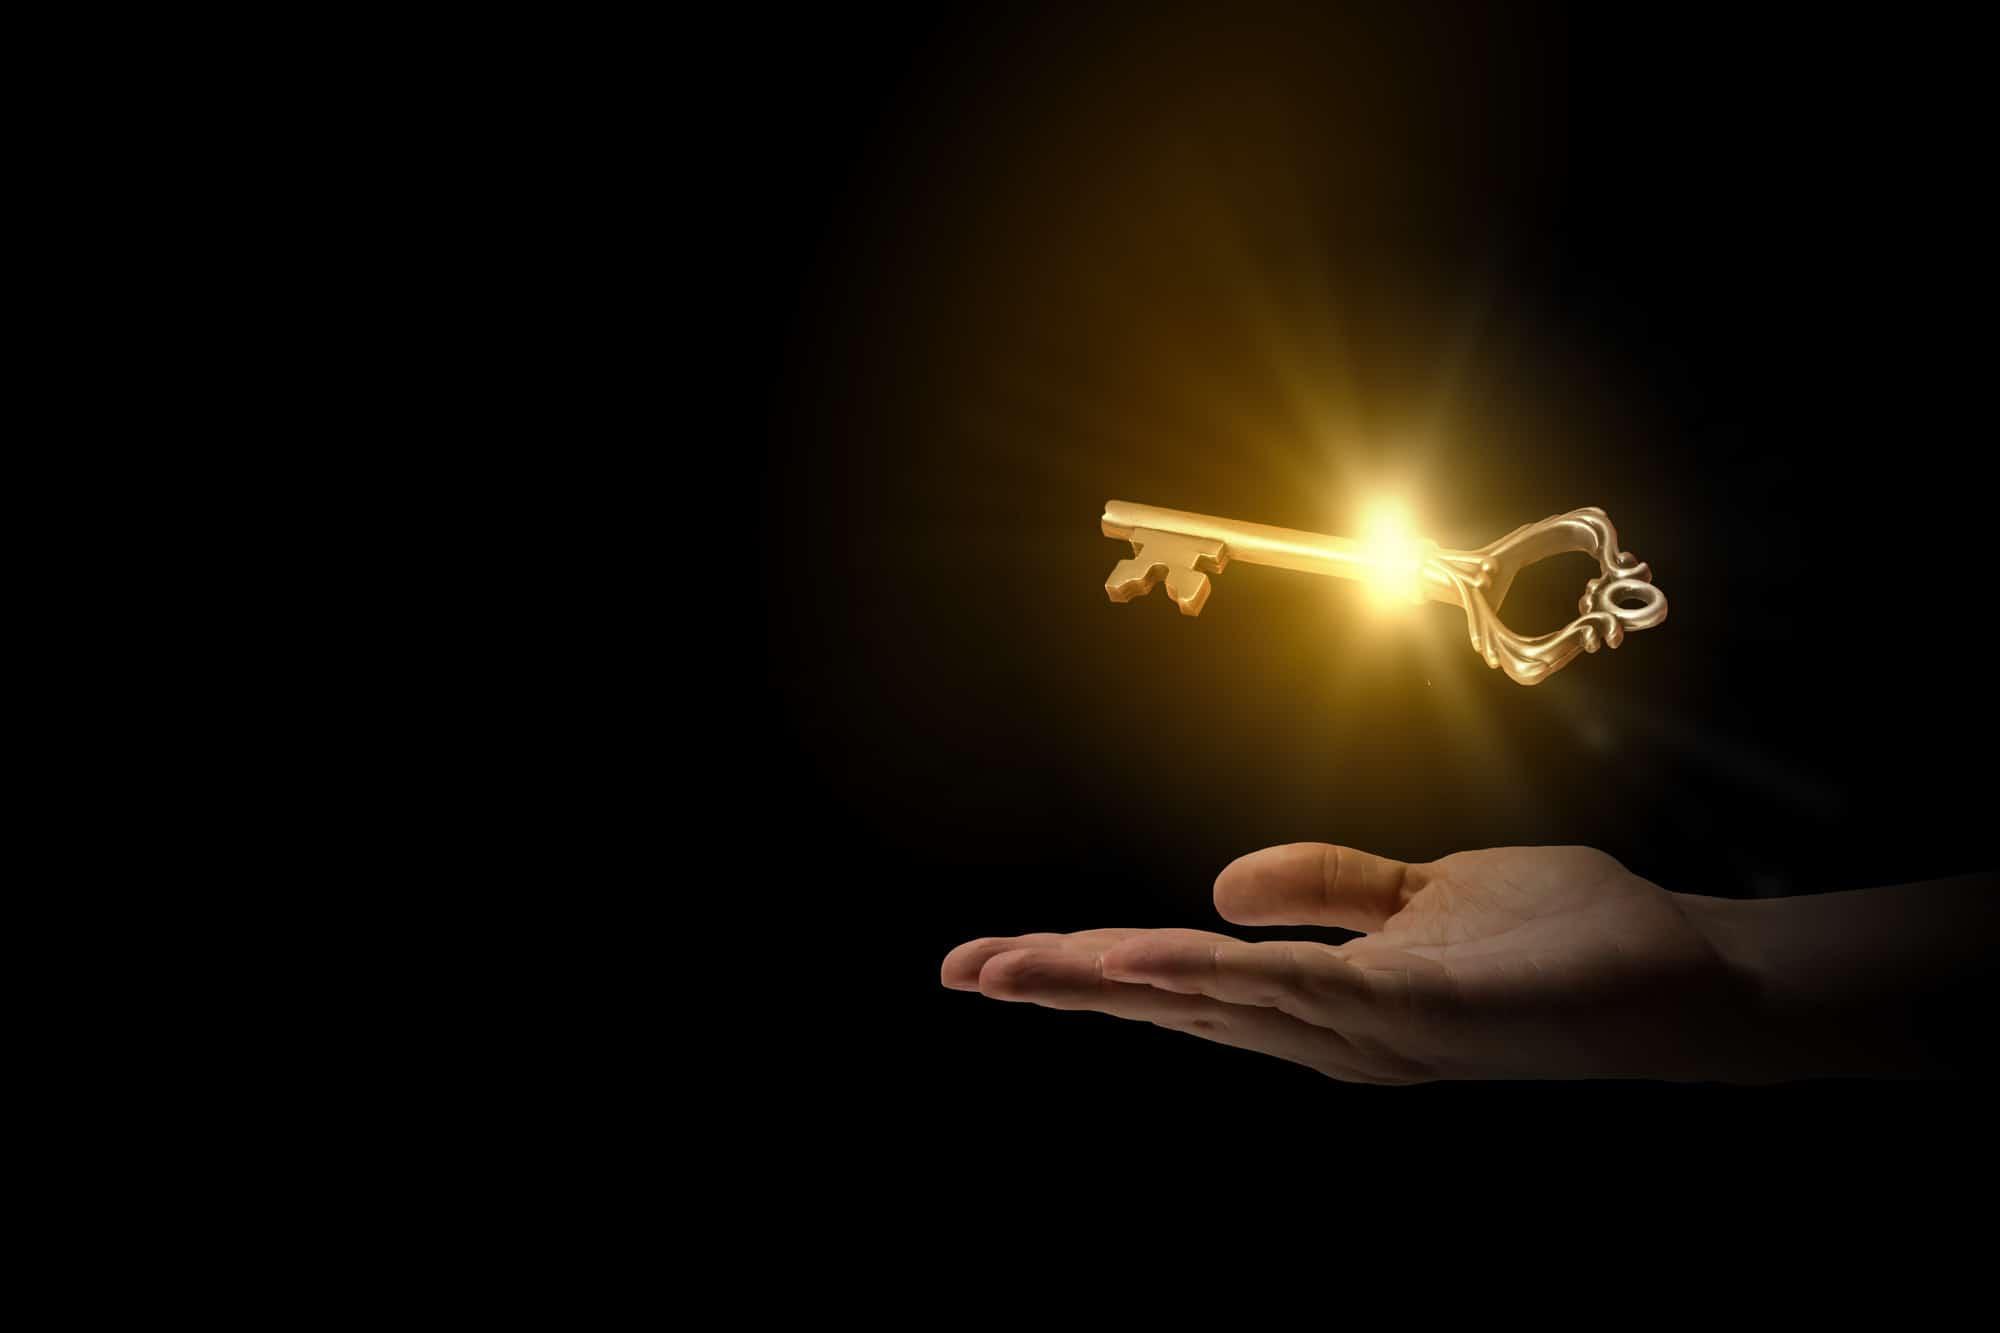 Ein Schwebender Goldener Schlüssel